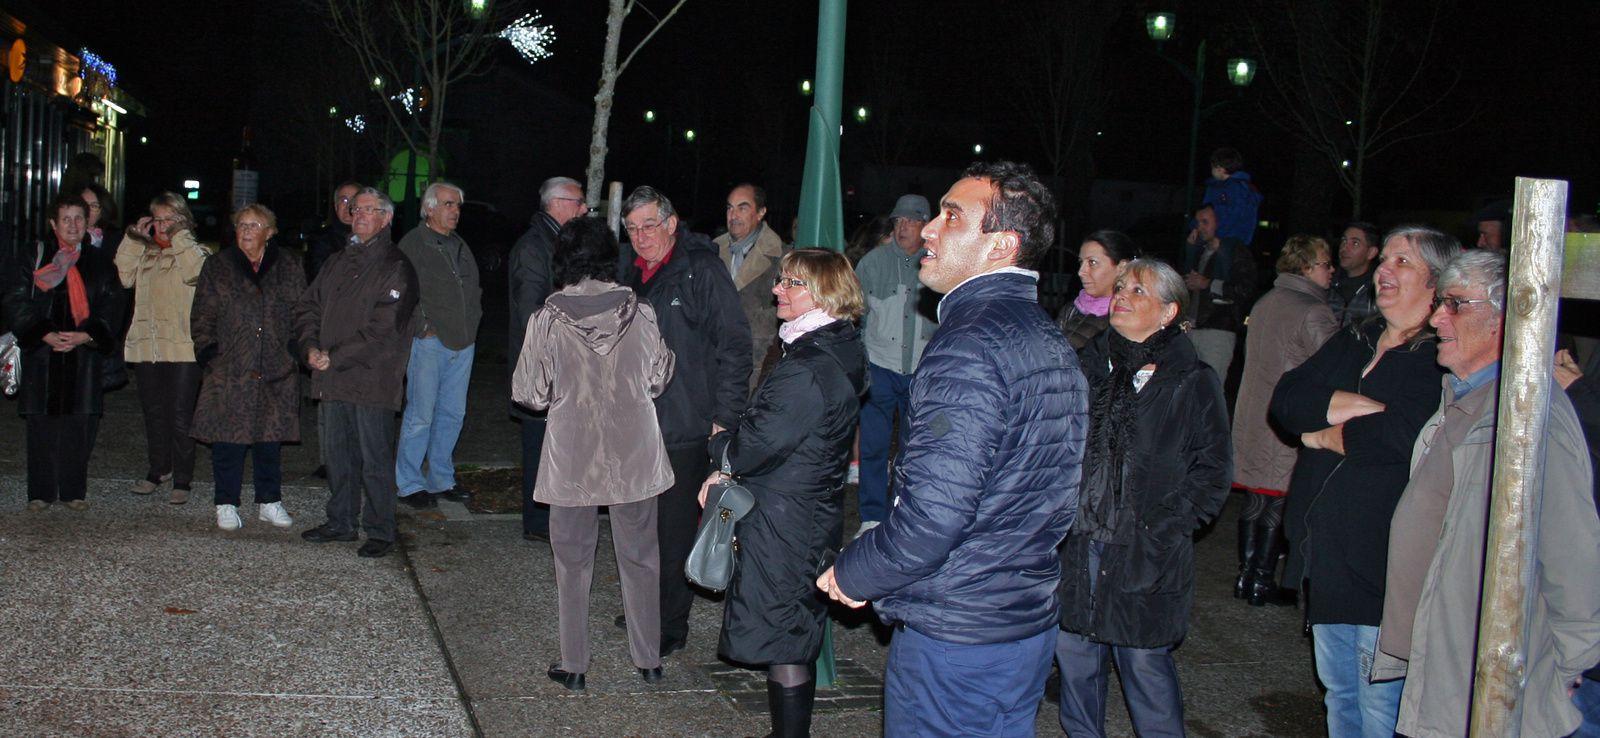 Lancement des illuminations de Noël à St Aubin de Médoc